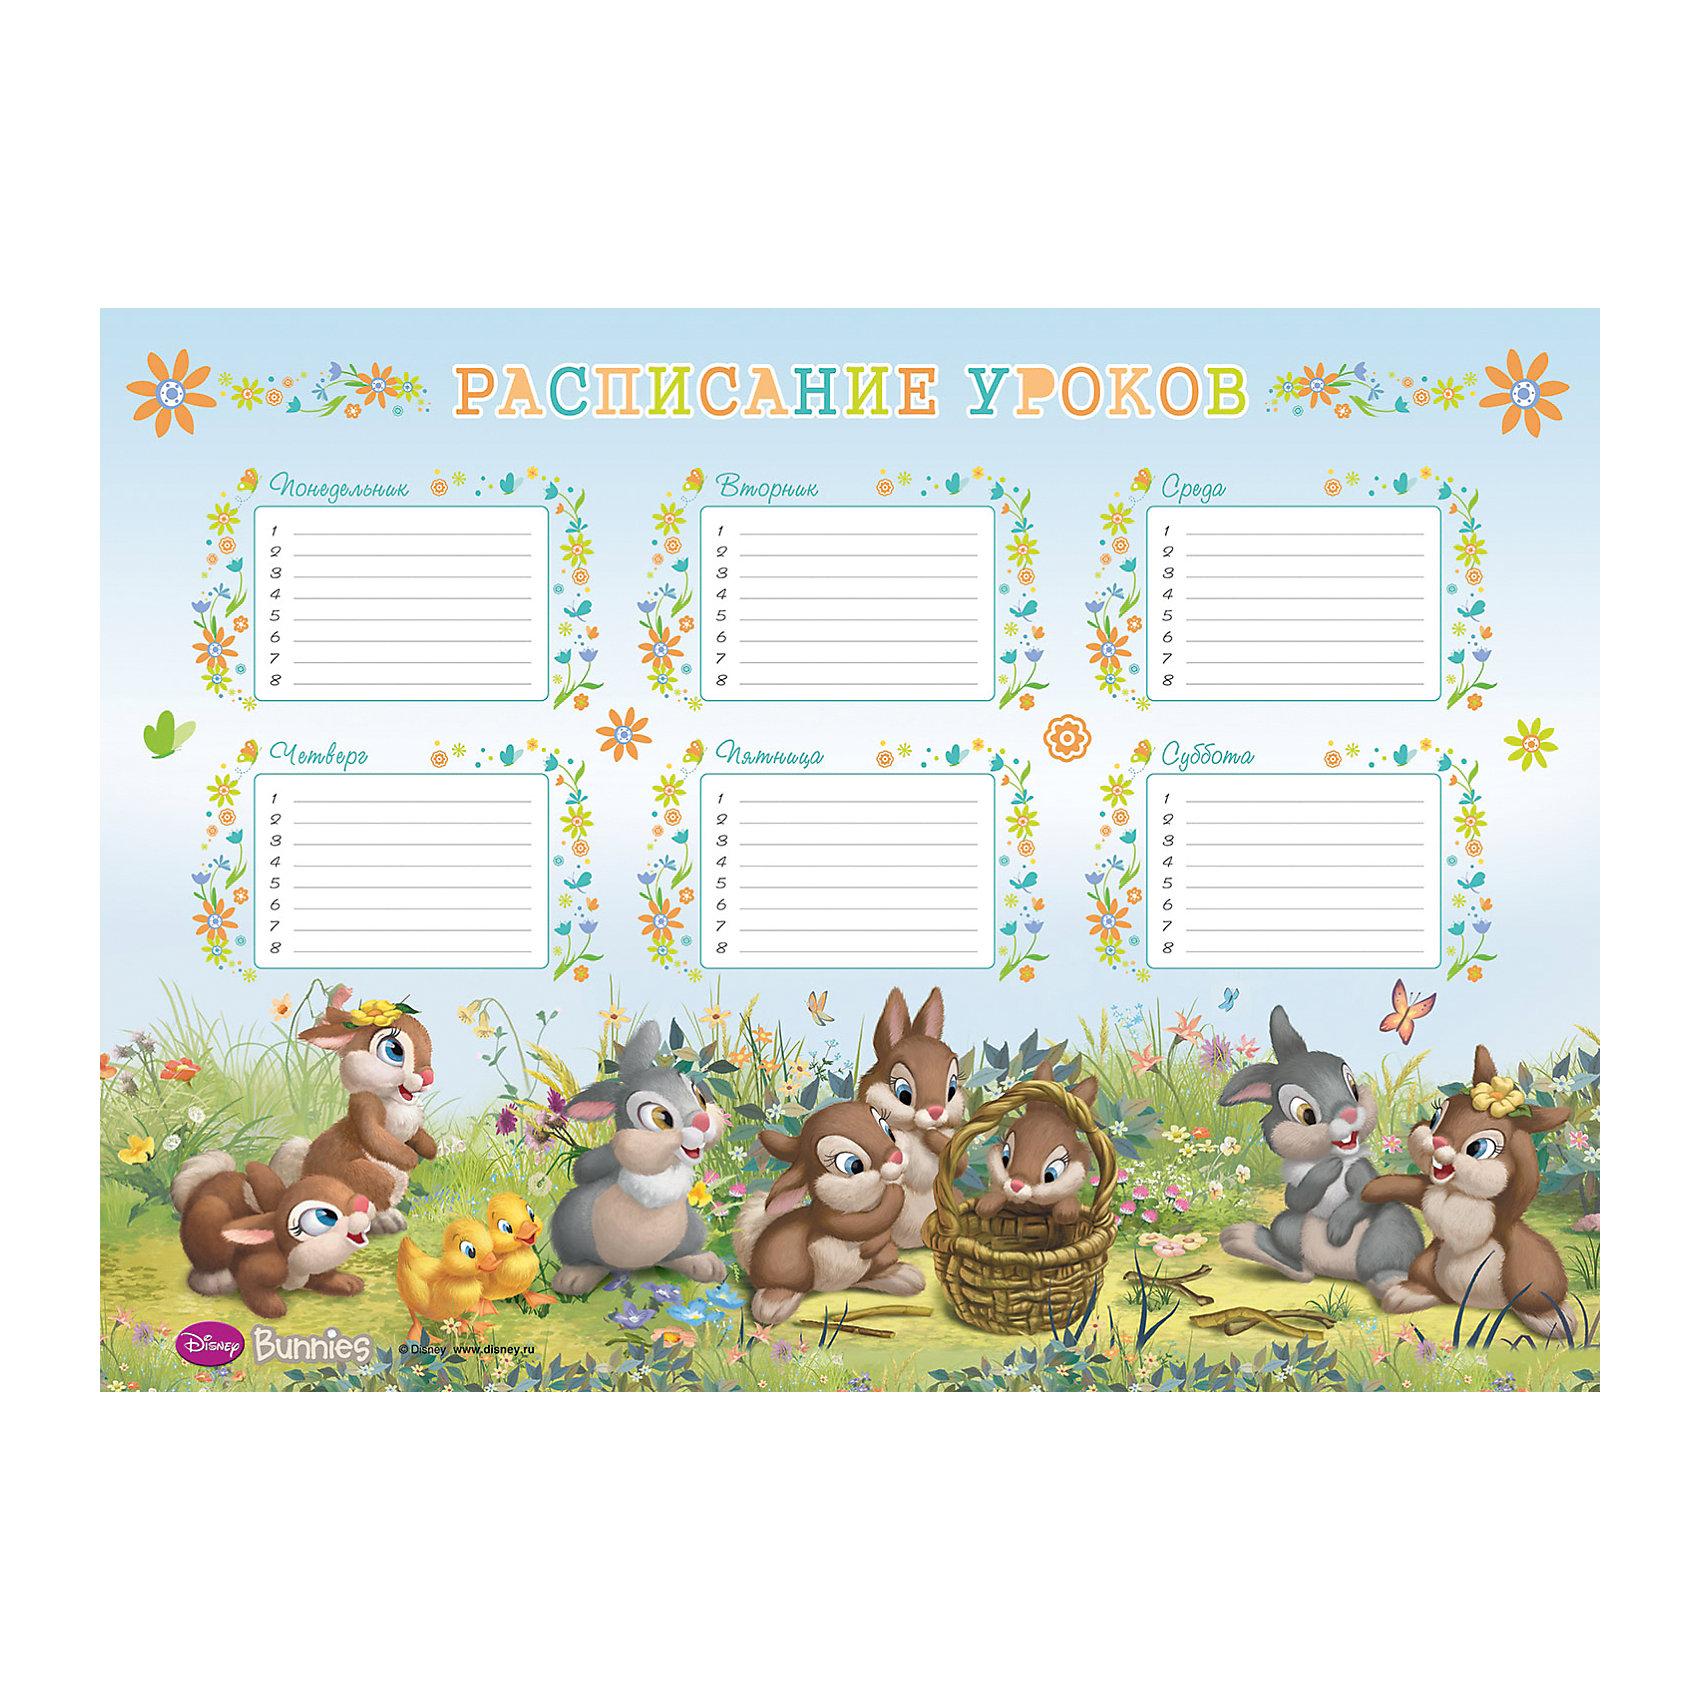 Расписание уроков A3 Bunnies